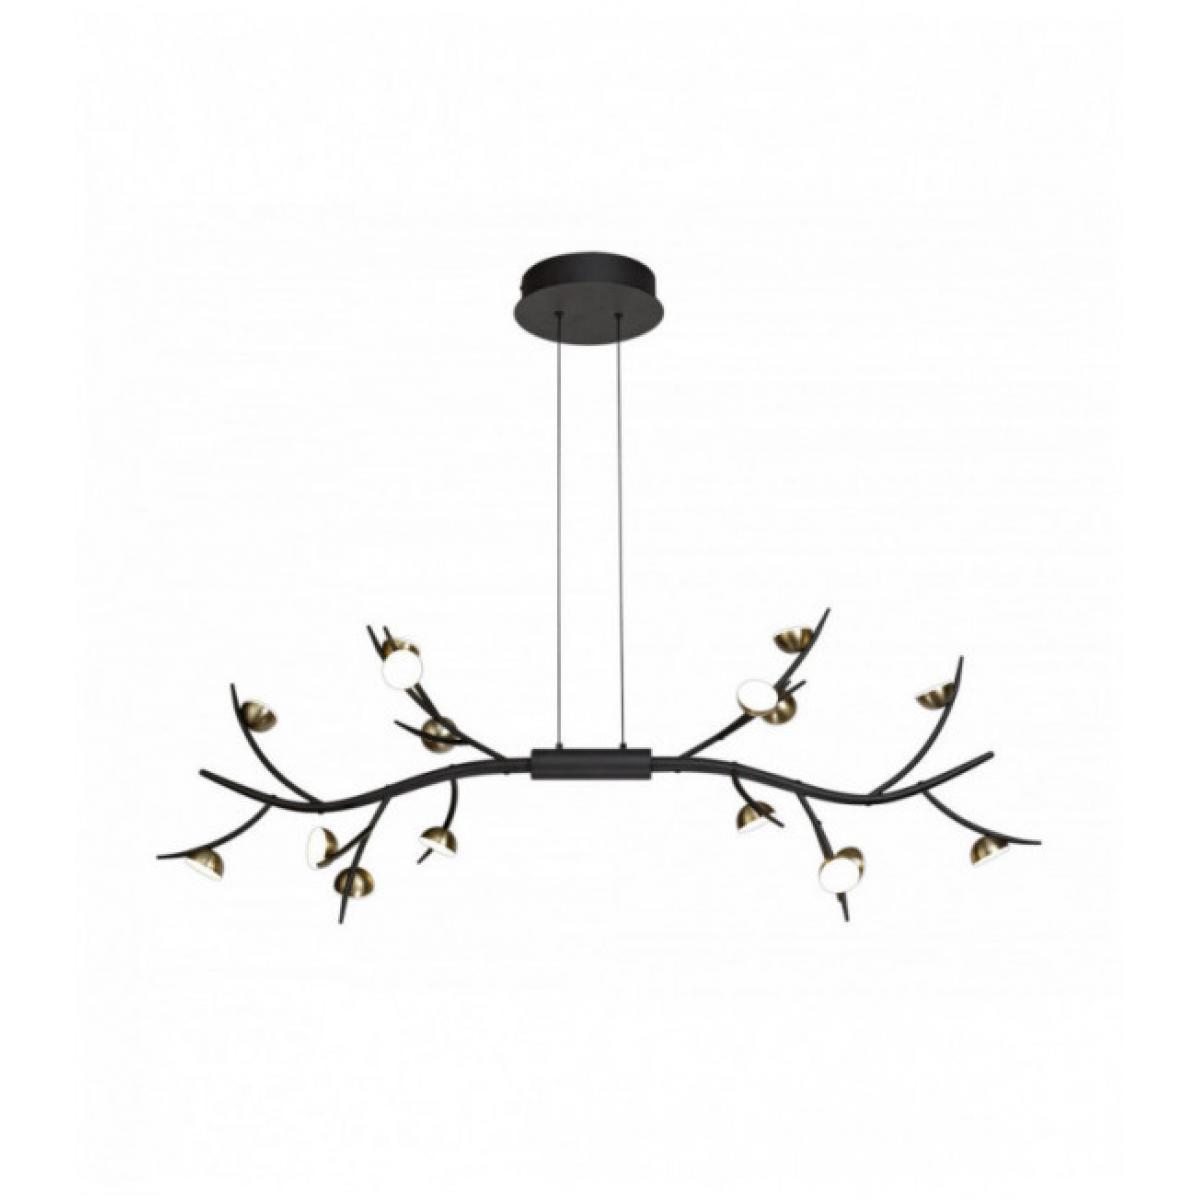 Luminaire Center Suspension Barocco 16 Ampoules Noir 17,5 Cm